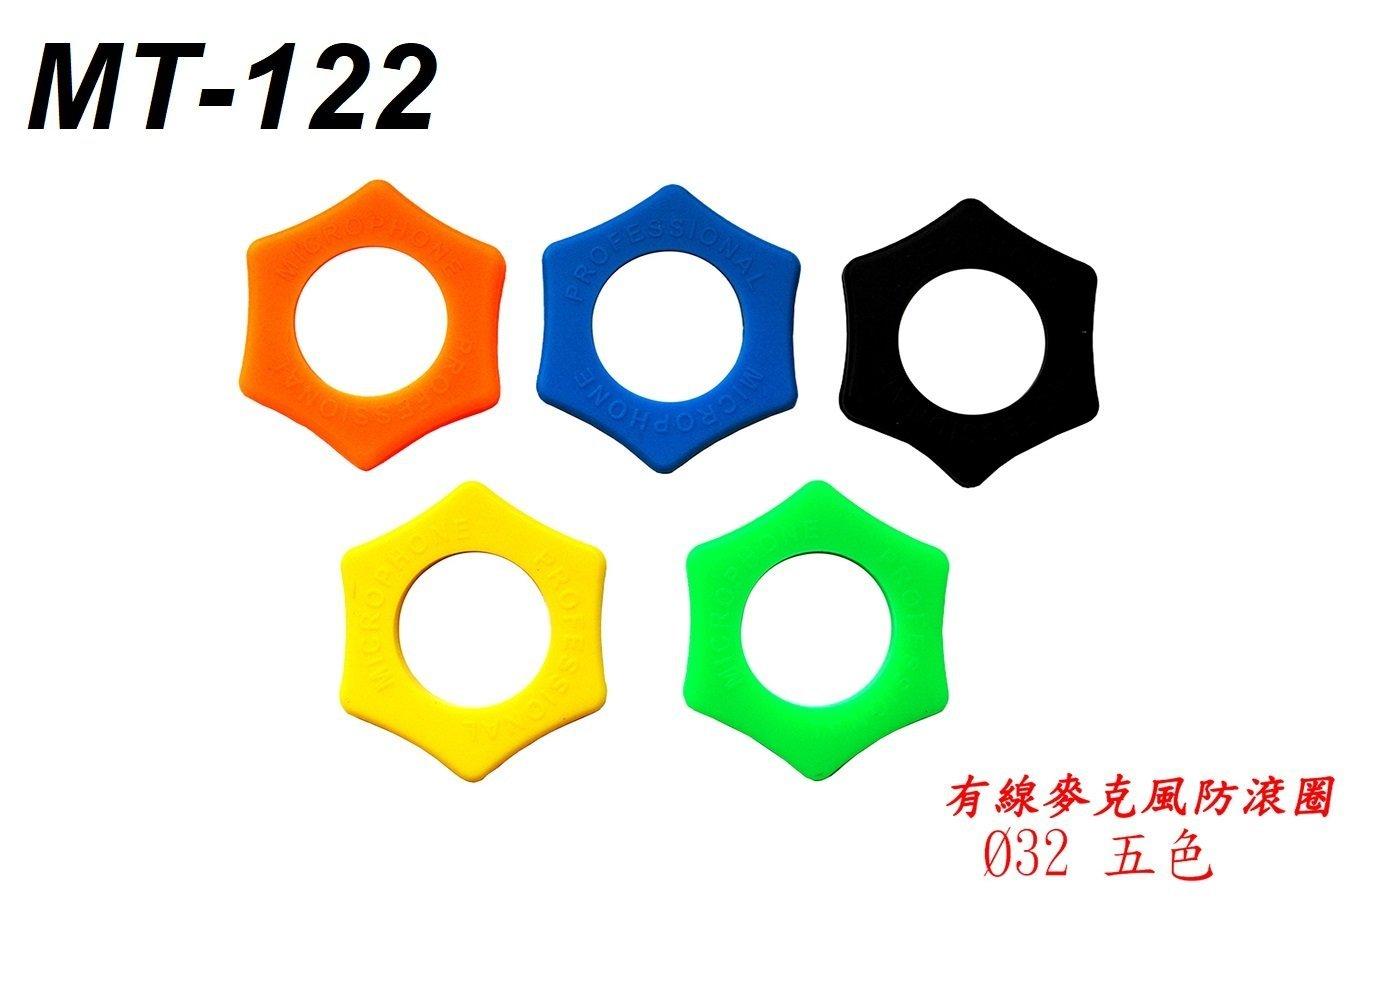 【六絃樂器】全新 Stander MT-122 麥克風防滾圈 防滾套* 2片裝 / 舞台音響設備 專業PA器材